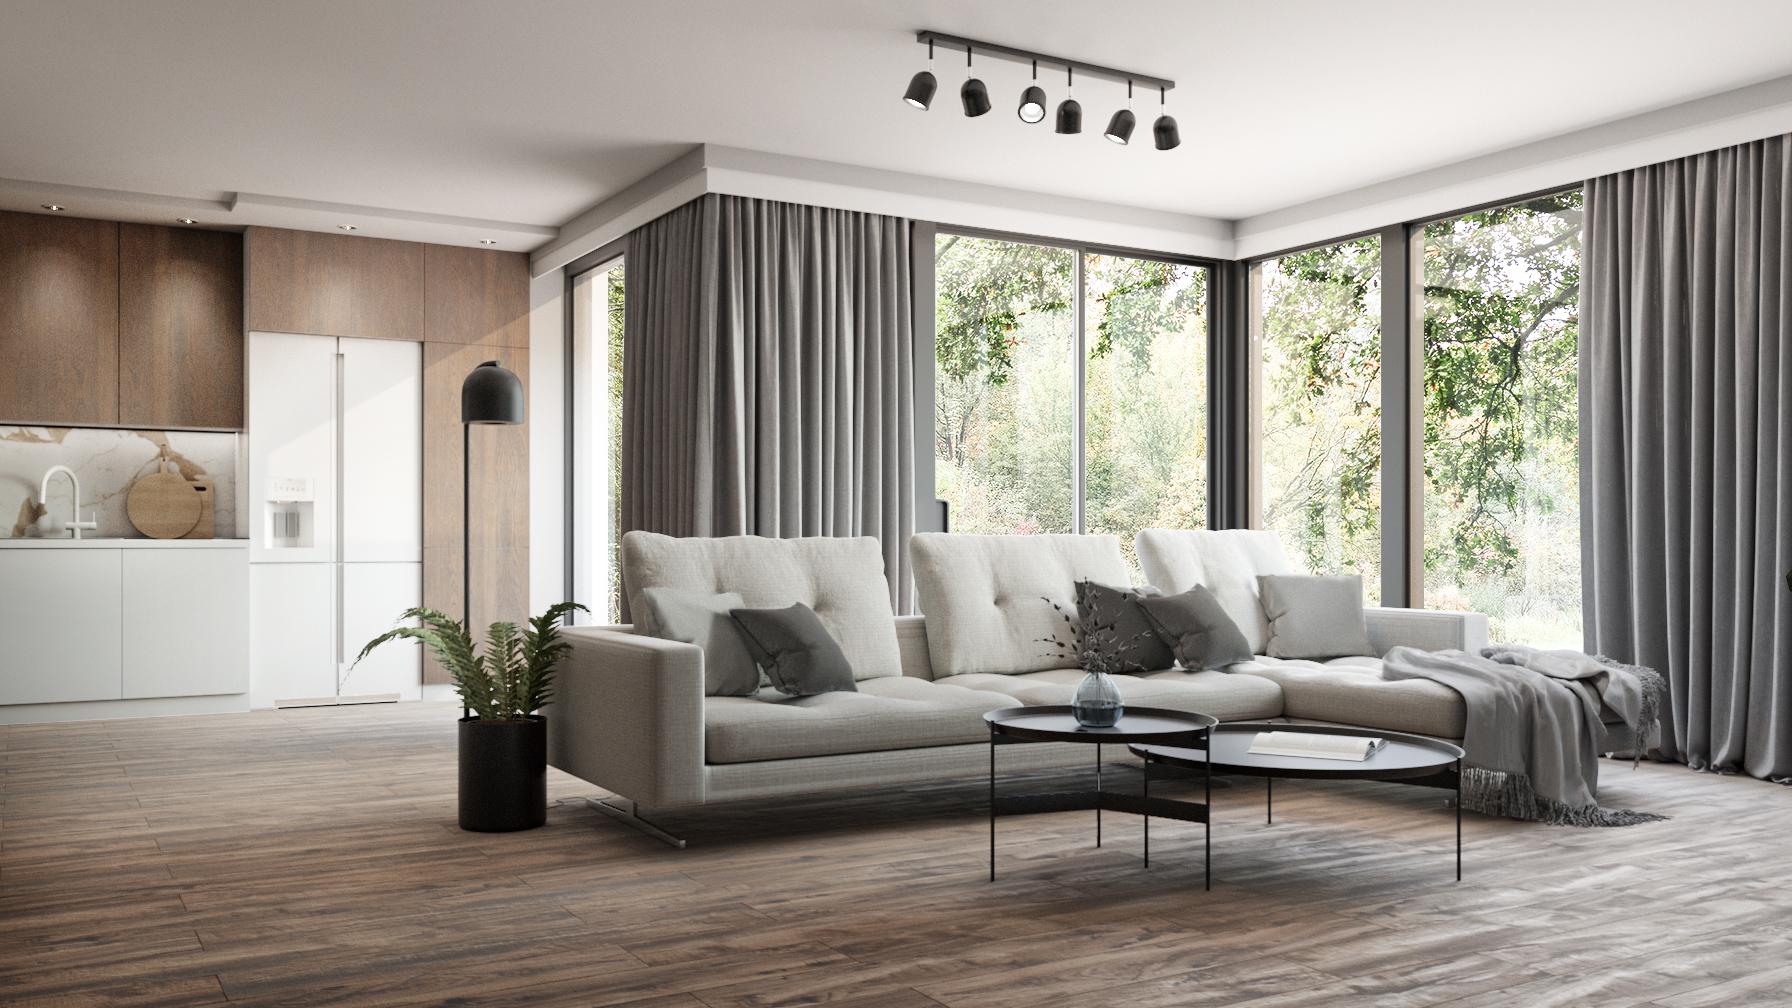 drewnopodobna płytka podłogowa w przestronnym salonie